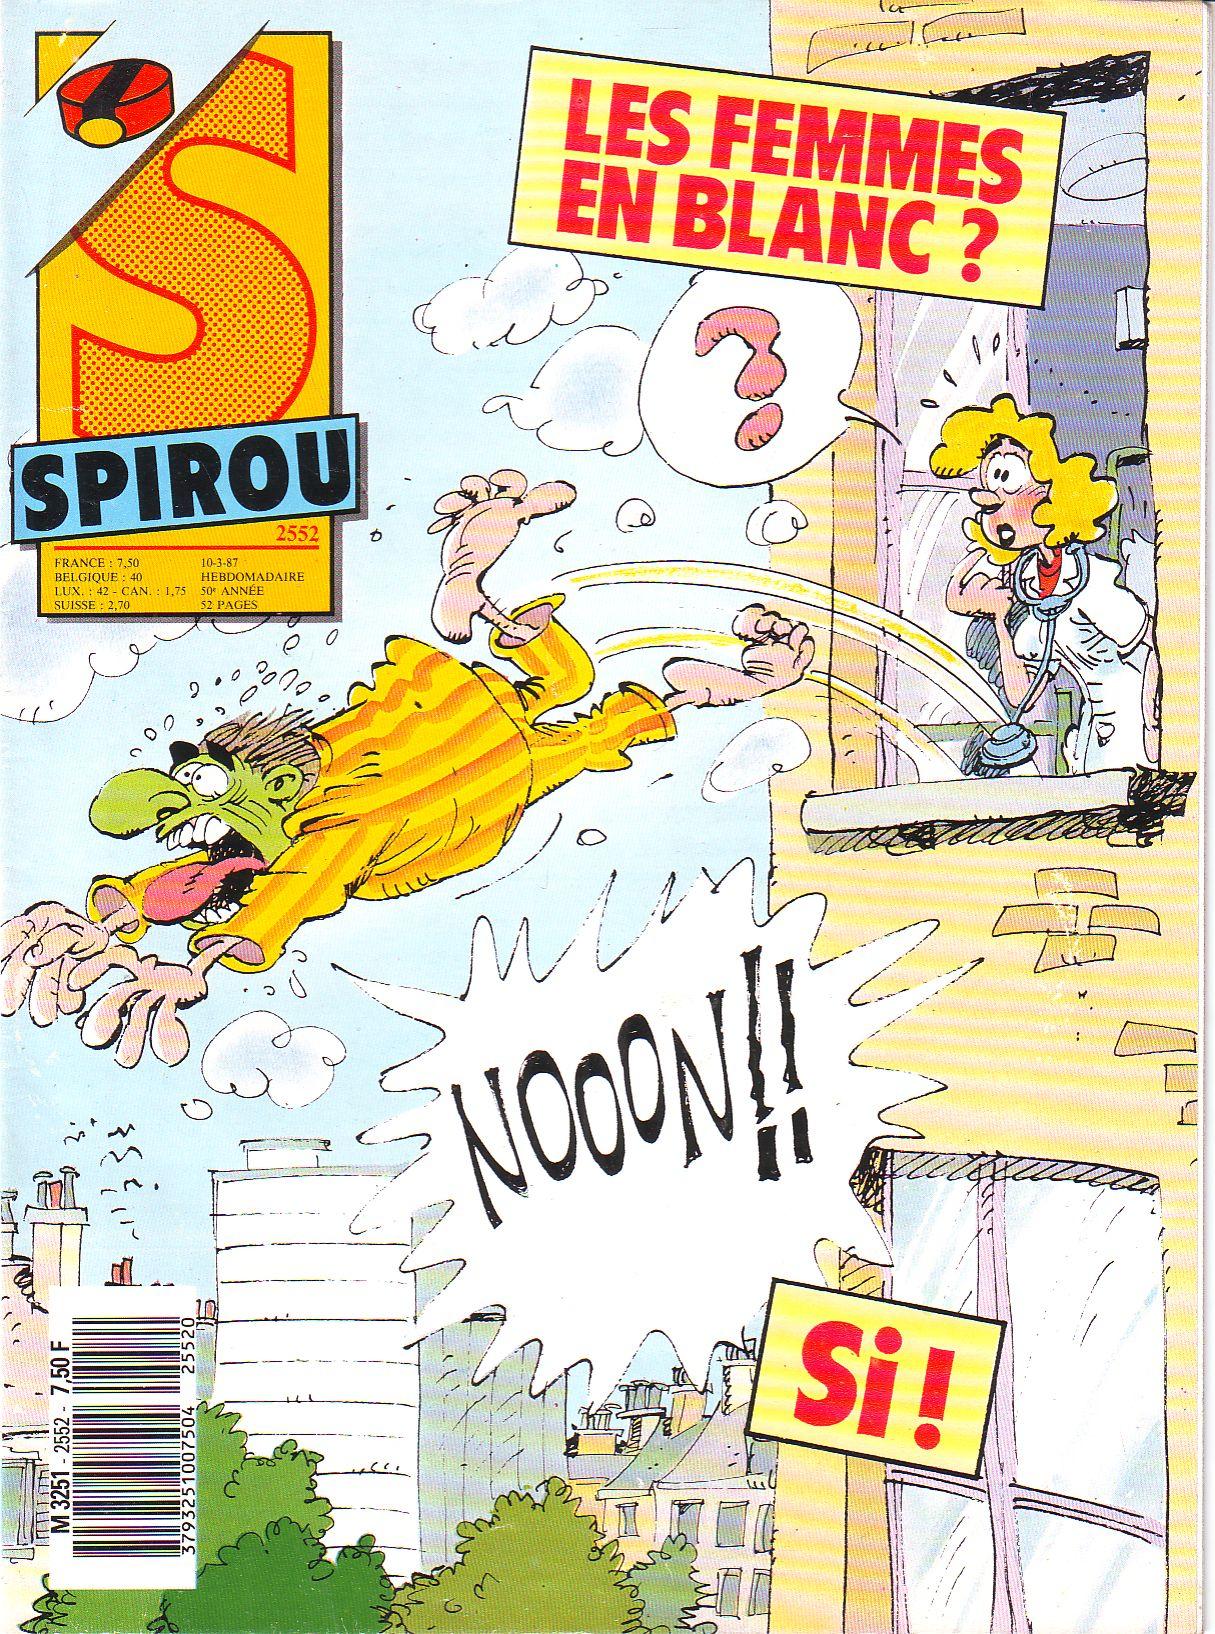 Le journal de Spirou 2552